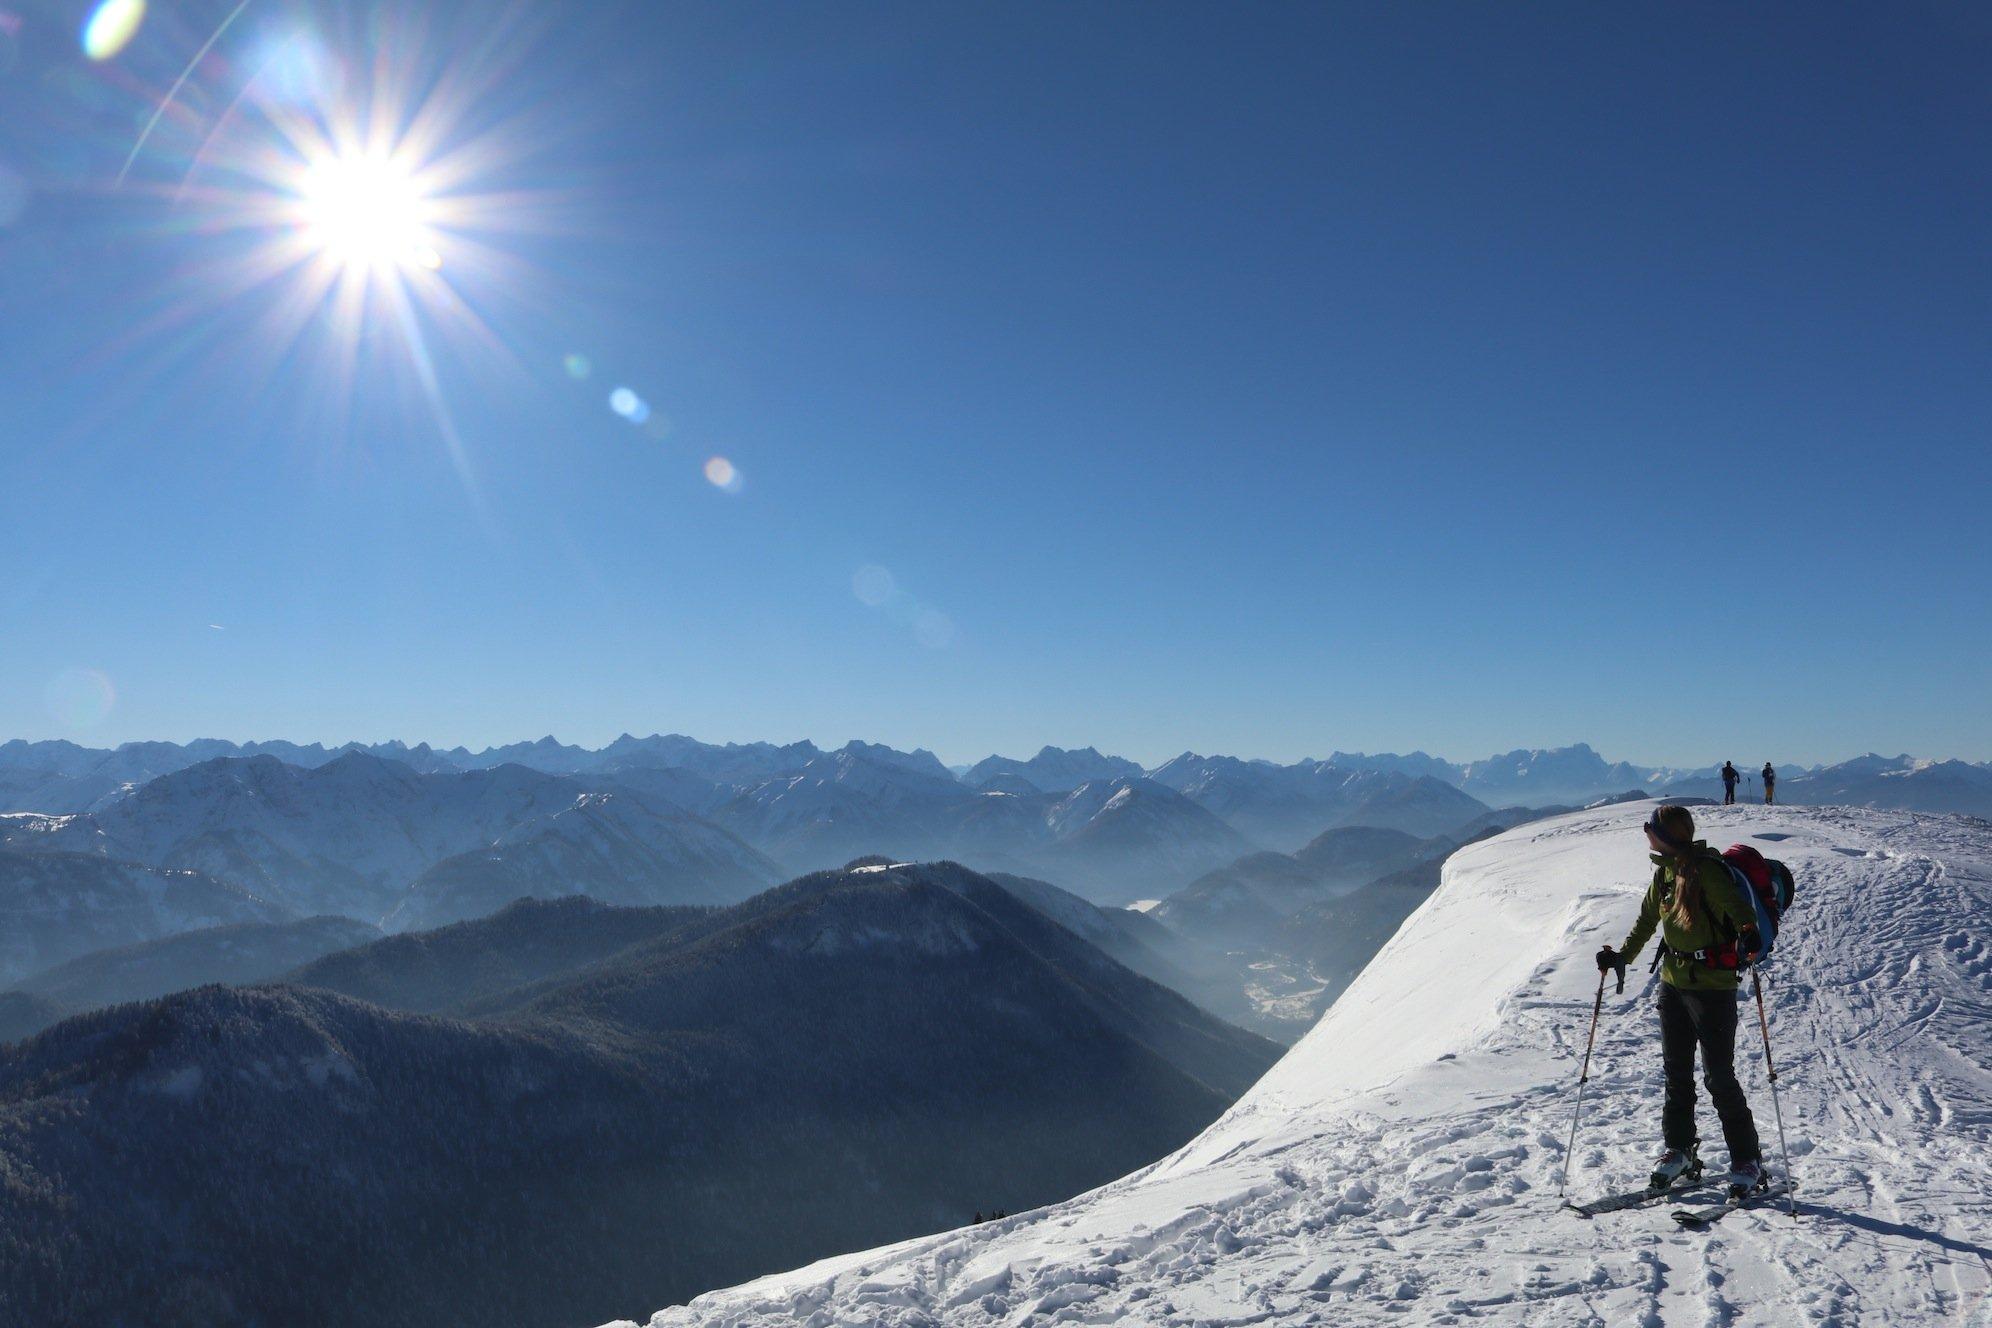 Ziele – Schönberg (1.621m) bei Lenggries: Mittelschwere Skitour und/oder Schneeschuhtour abseits vom Skigebiet Brauneck